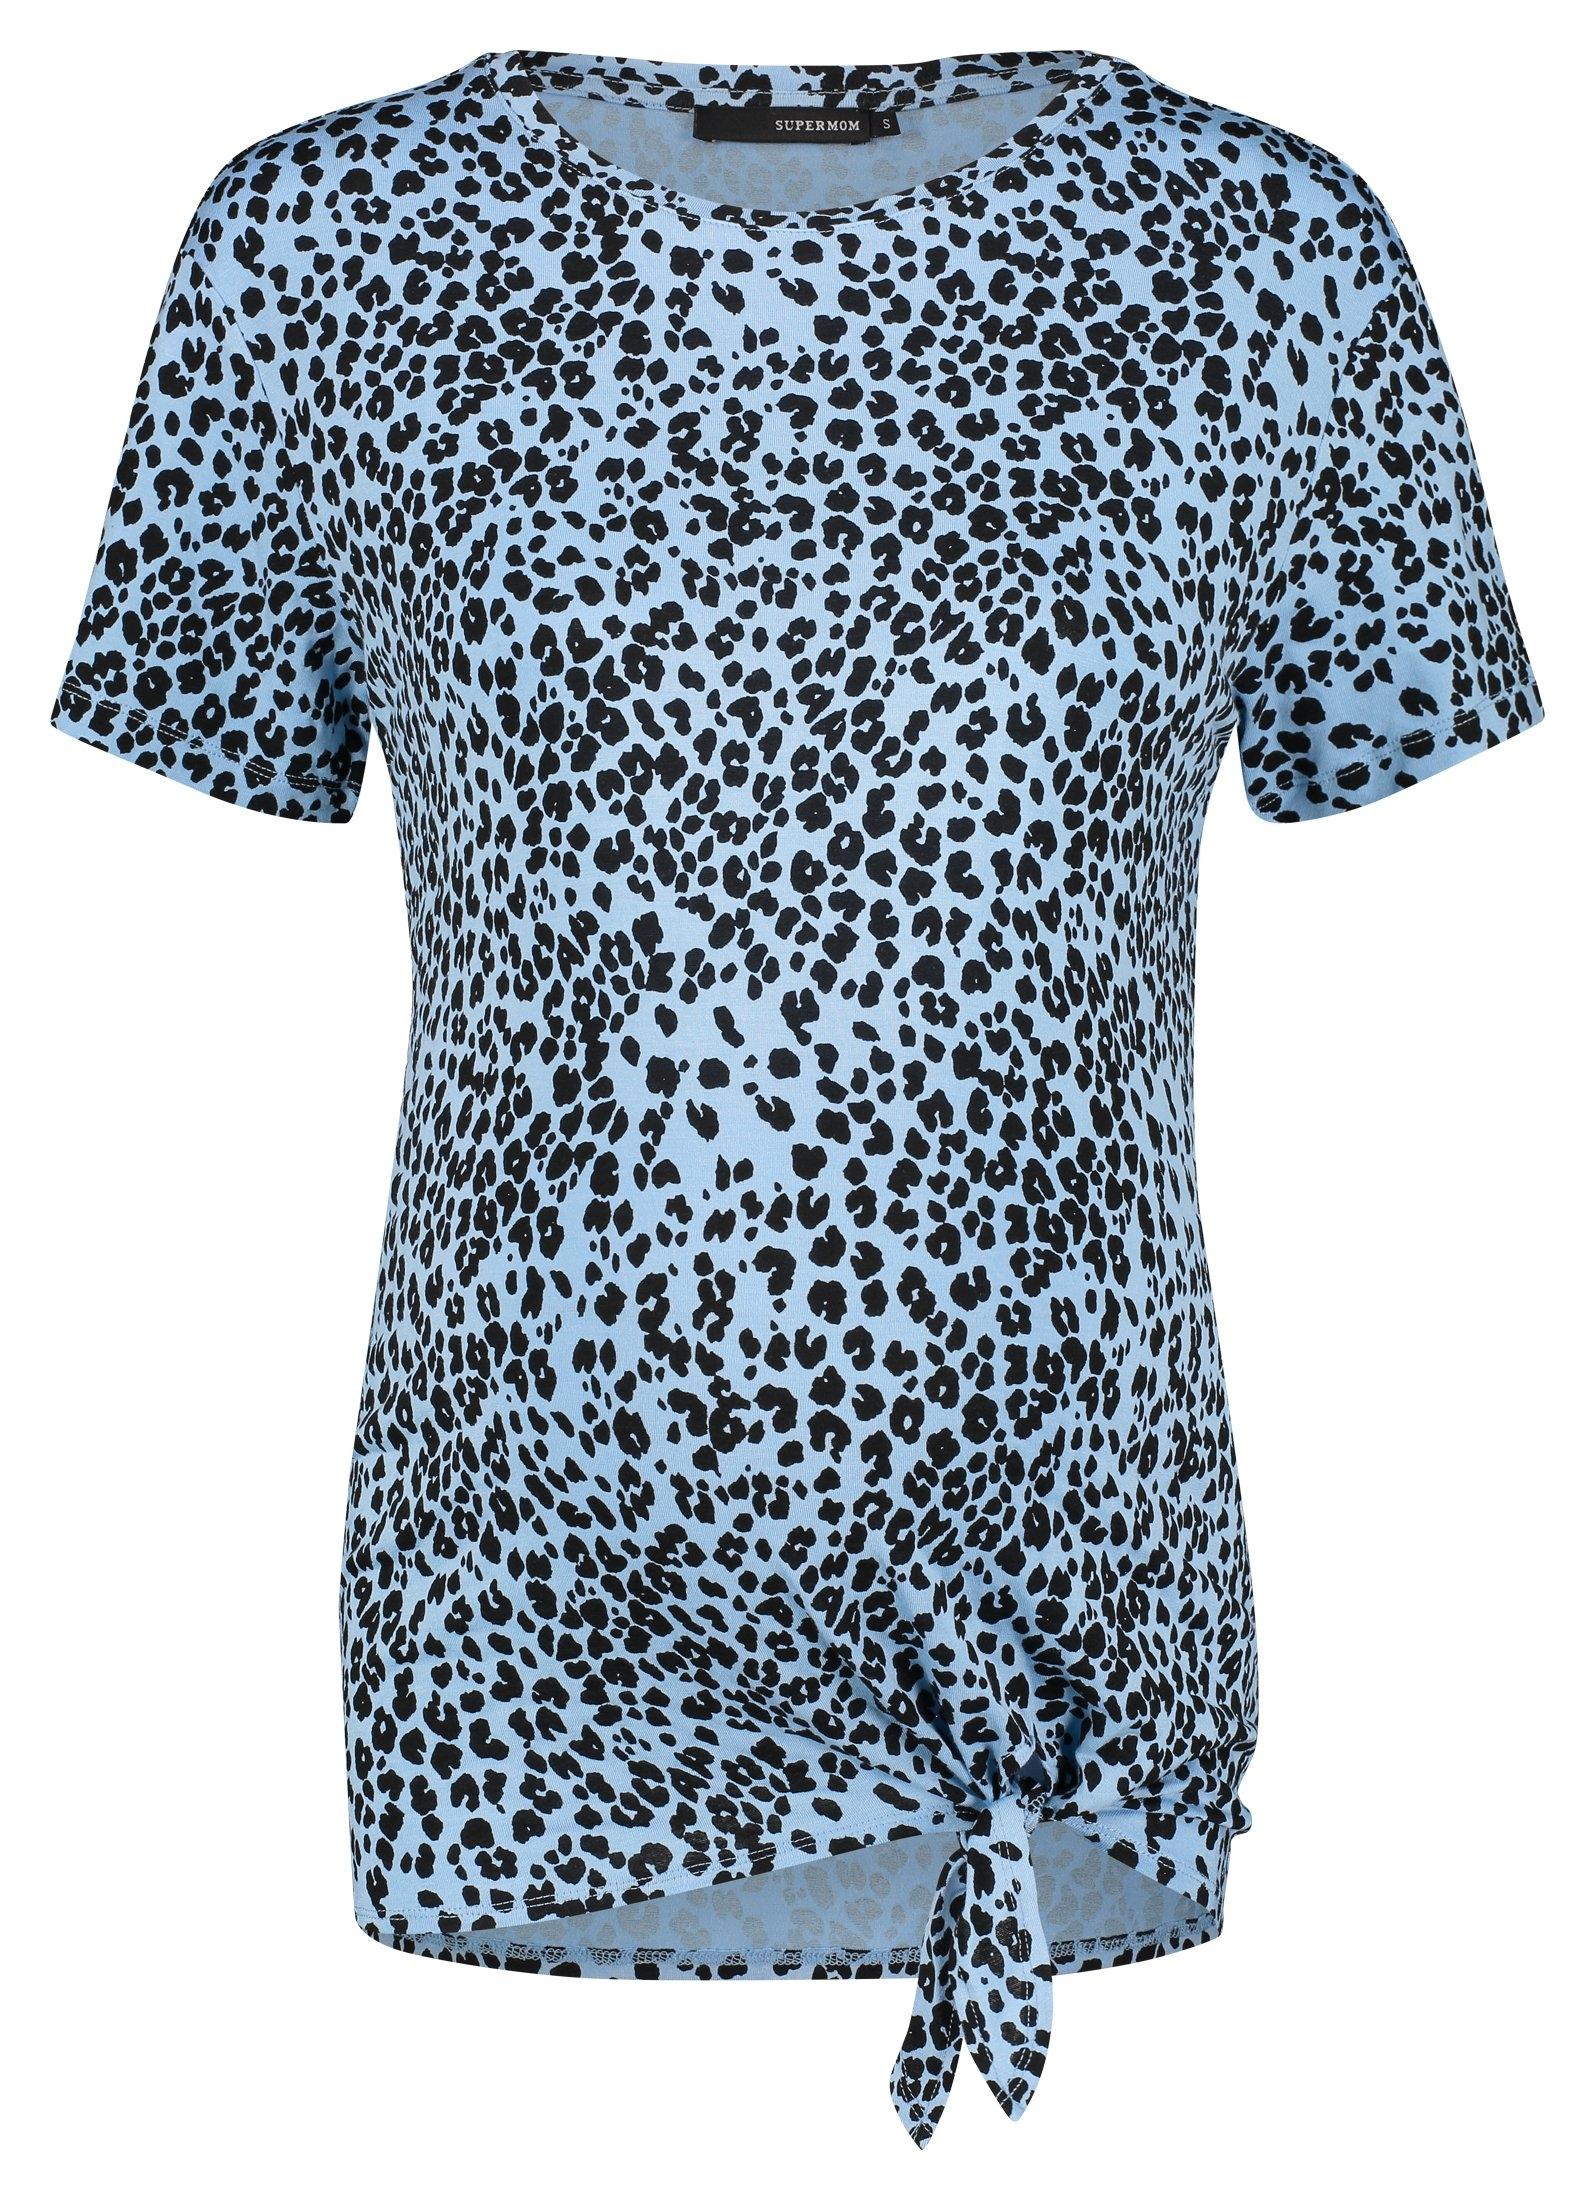 Supermom t-shirt »Animal knot« - verschillende betaalmethodes